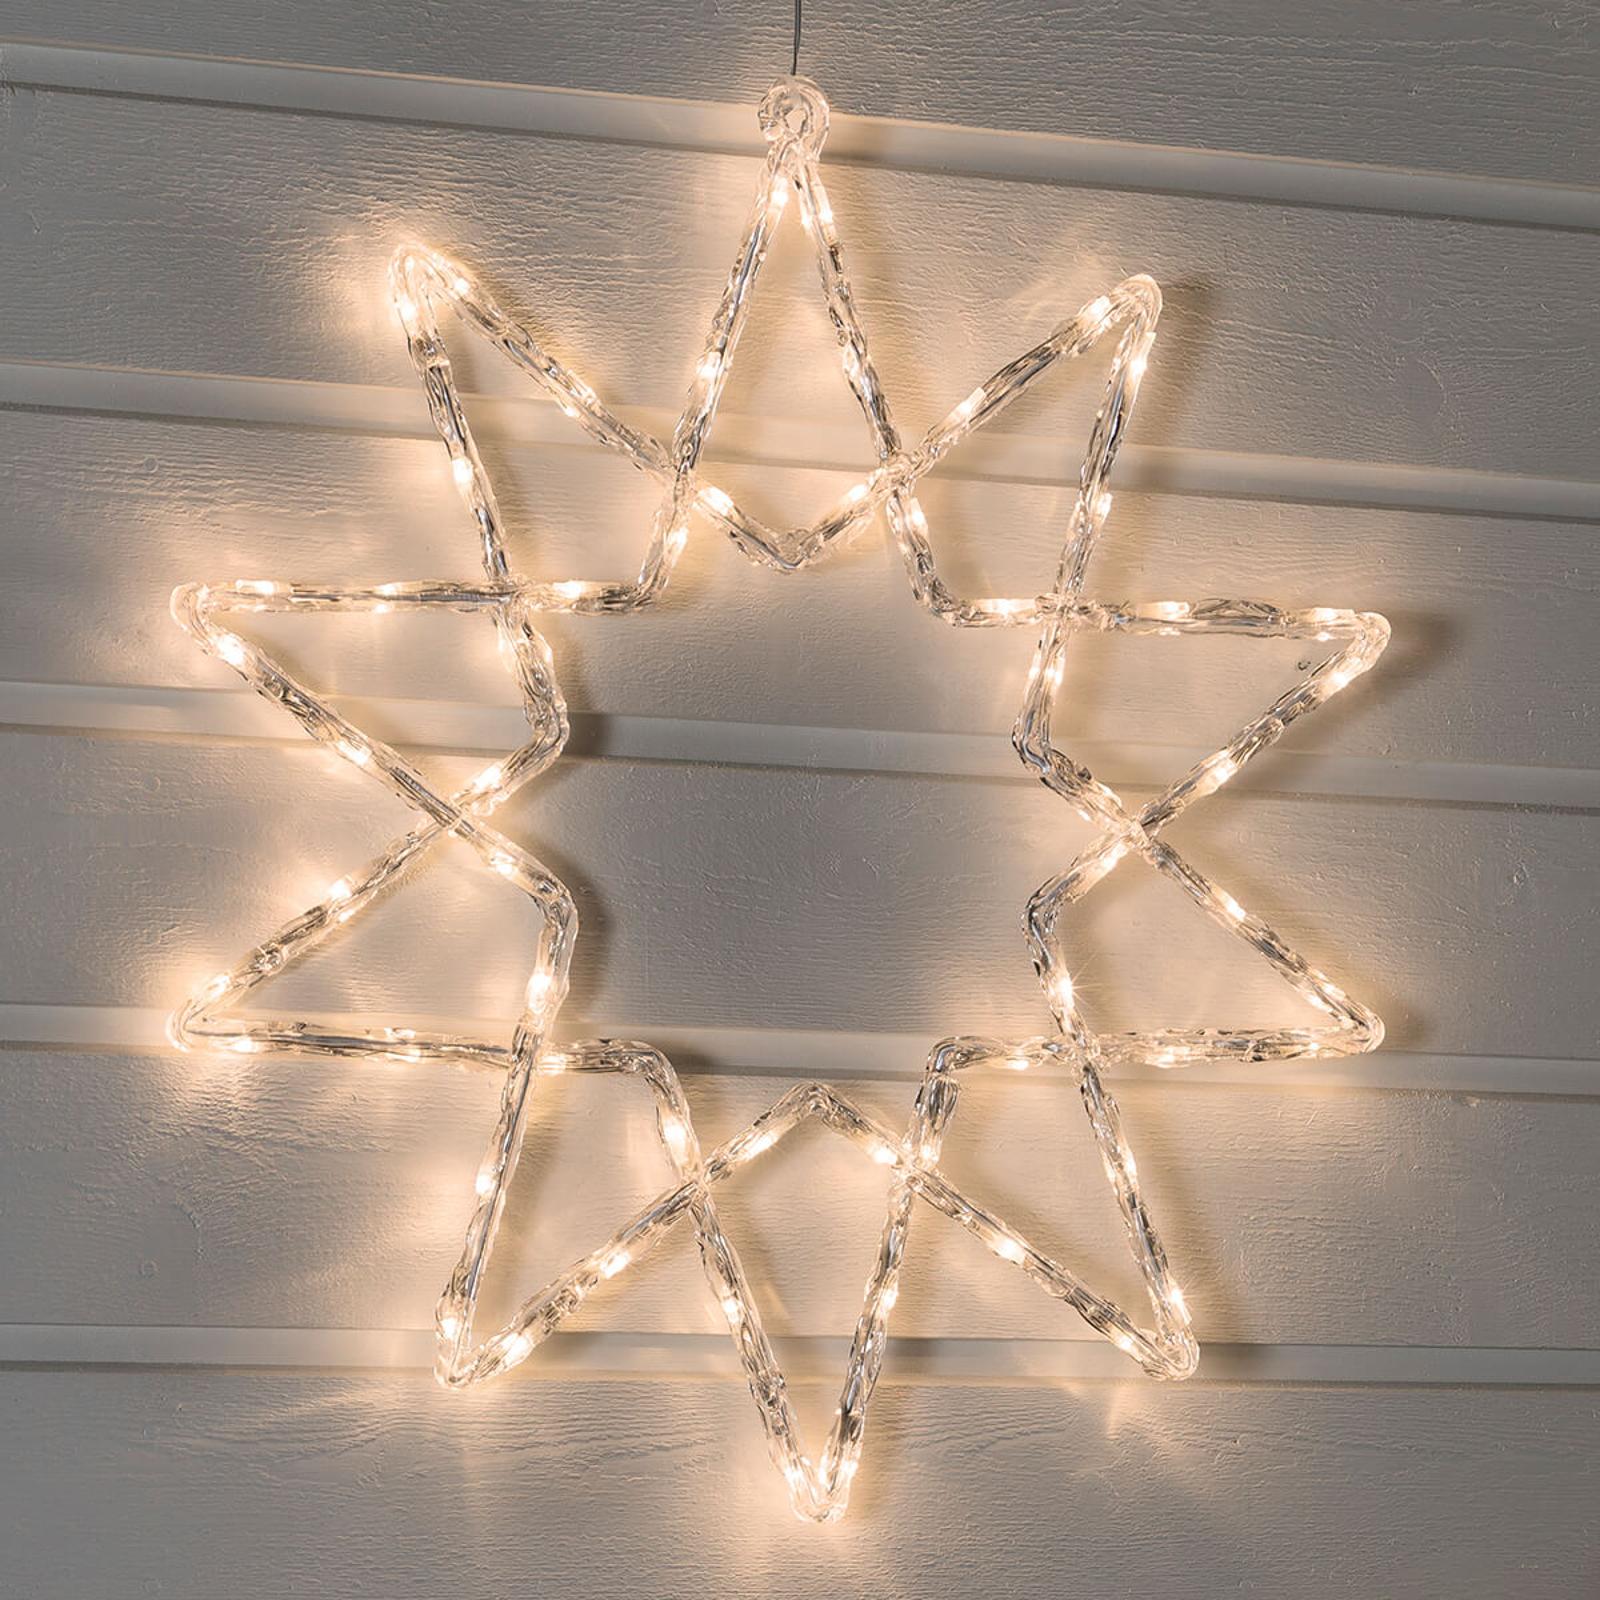 Jasno świecąca gwiazda LED, zewnętrzna